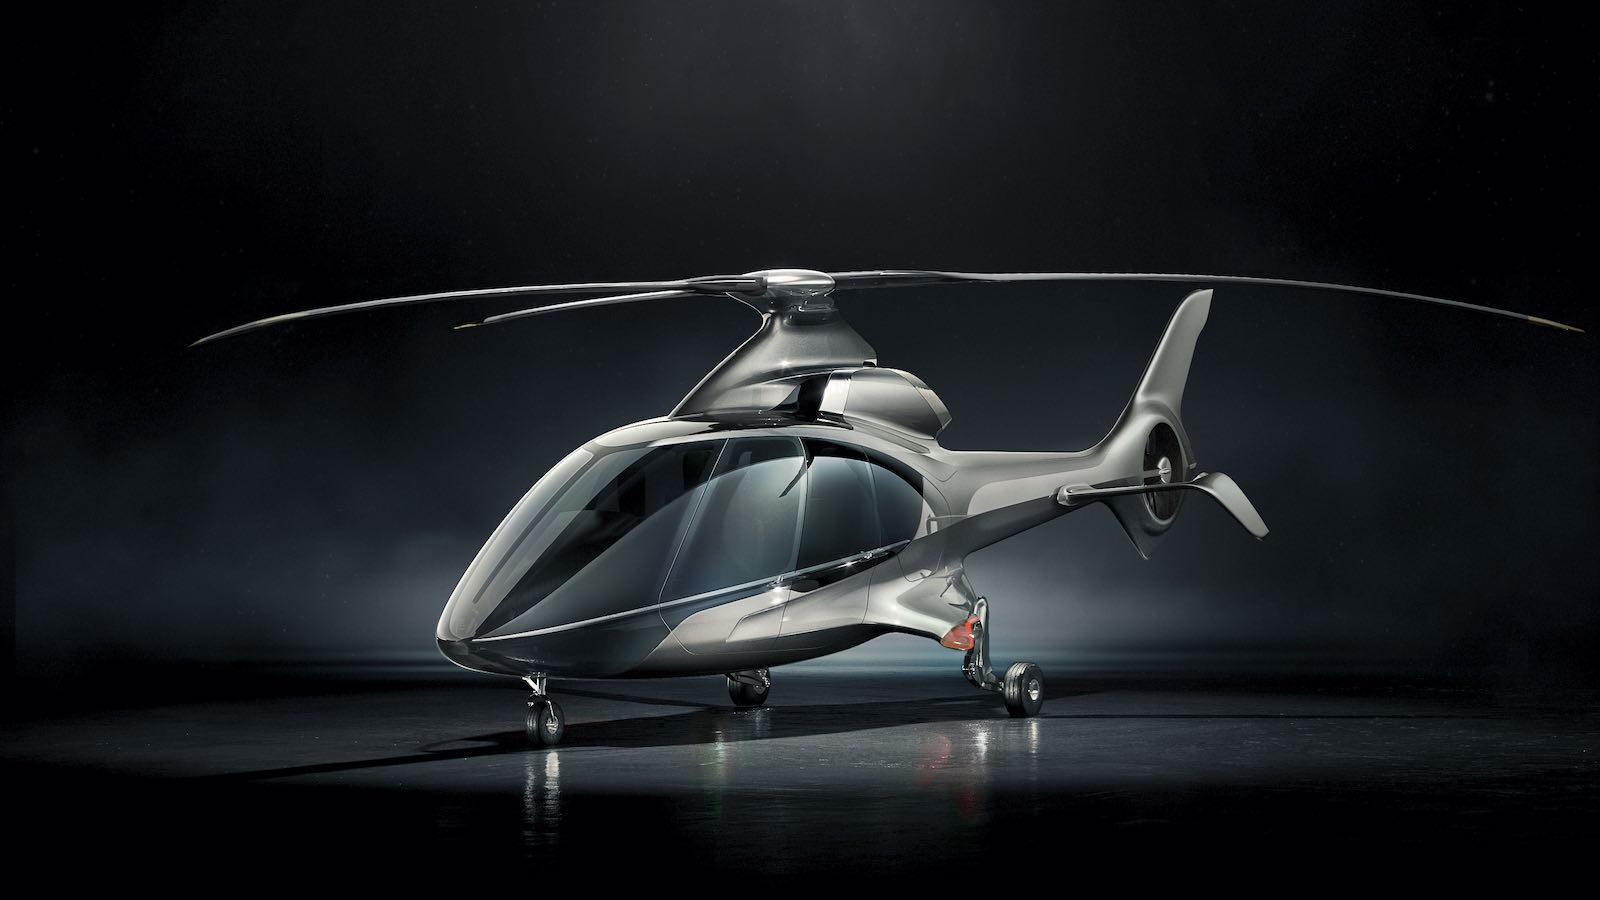 El helicóptero HX50 cuenta con una estructura y un sistema de rotores de materiales compuestos, un motor optimizado, una aviónica reimaginada y un elevado diseño interior.